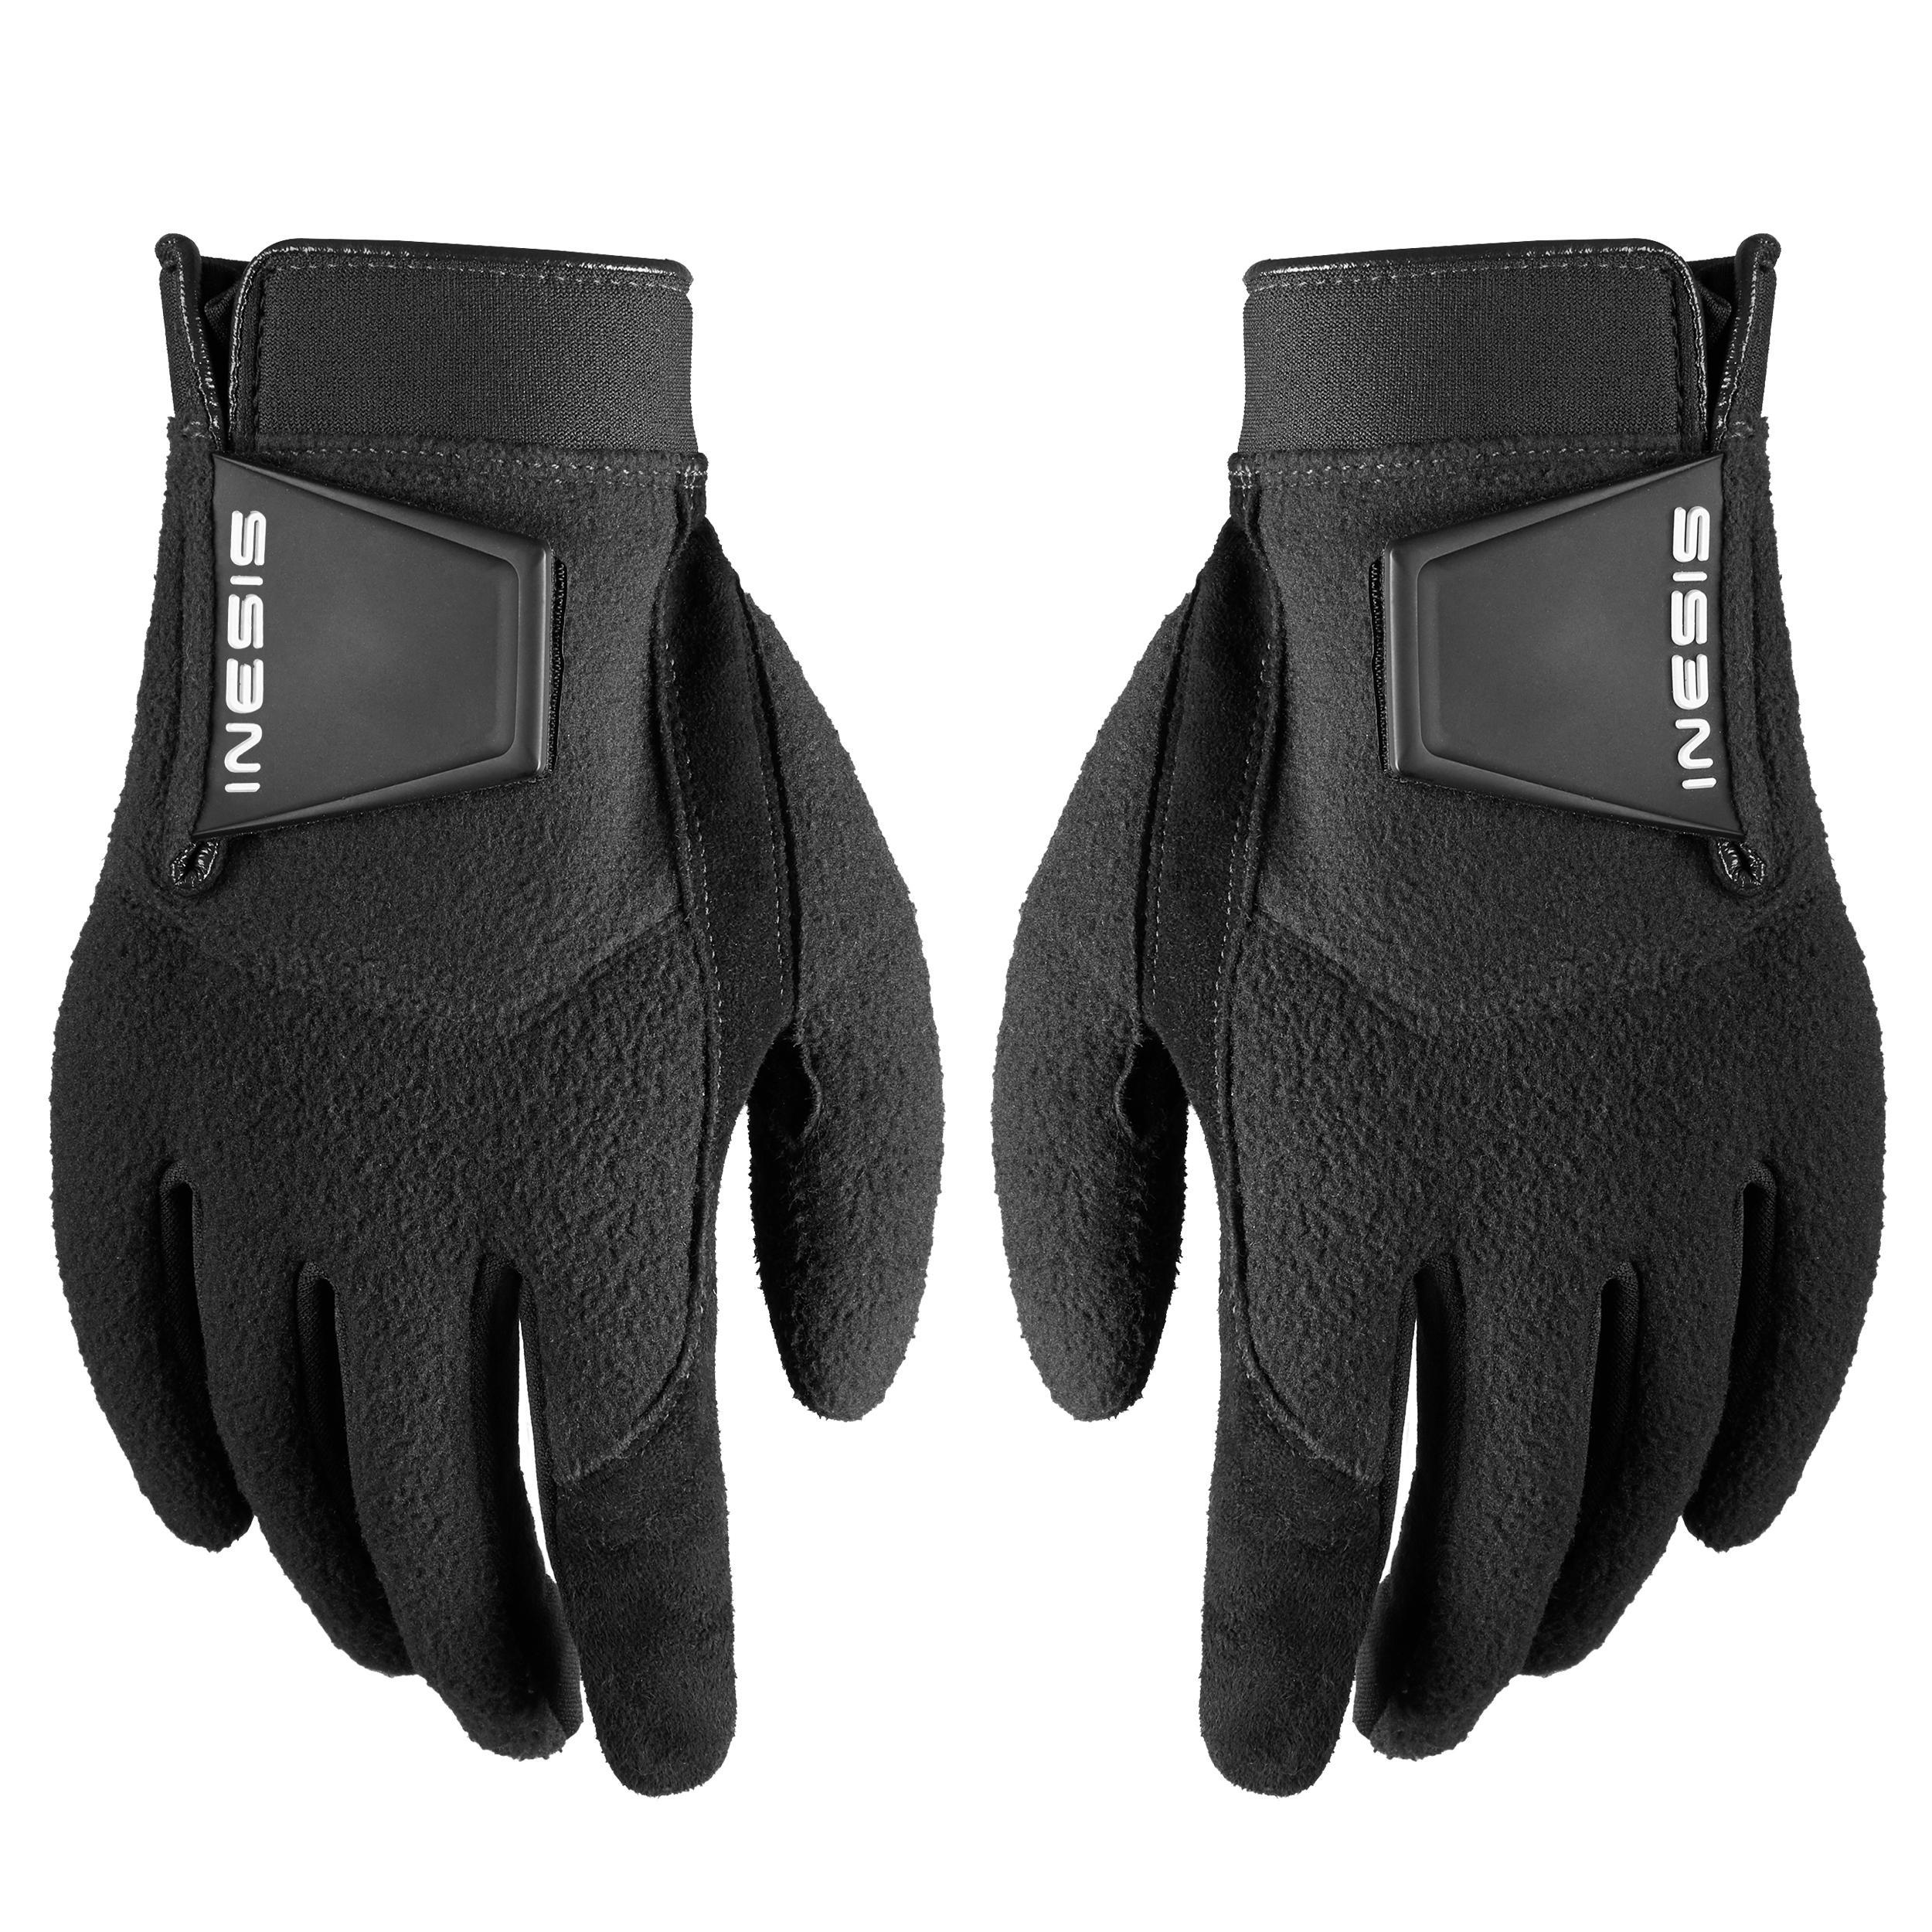 Mănuși de iarnă golf bărbați imagine